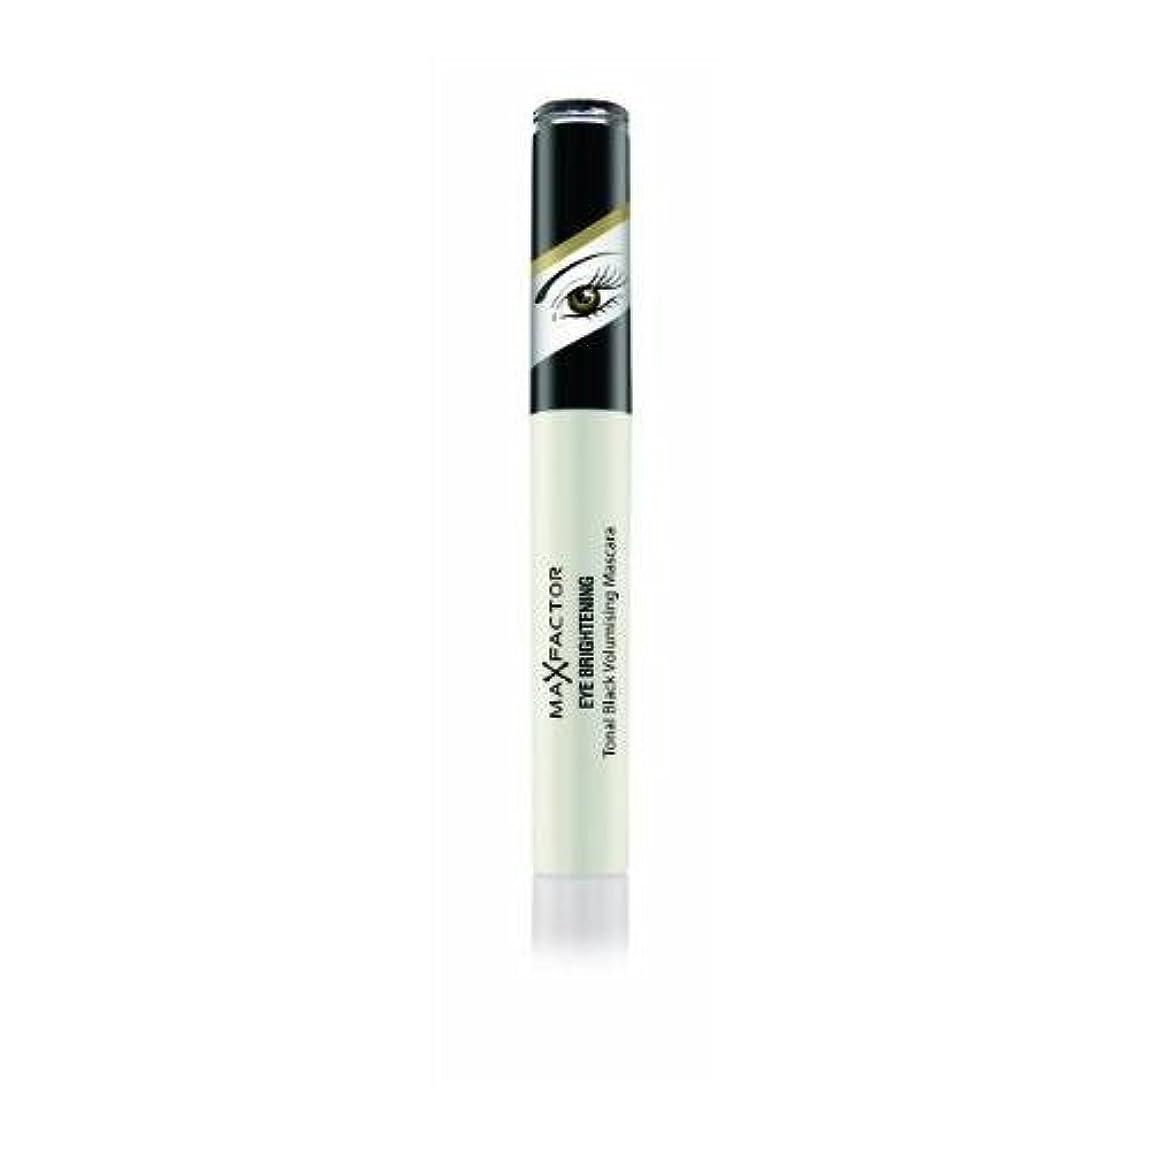 コロニアル刺繍虚偽Max Factor Eye Brightening Mascara for Hazel Eyes 7.ml Black Gold